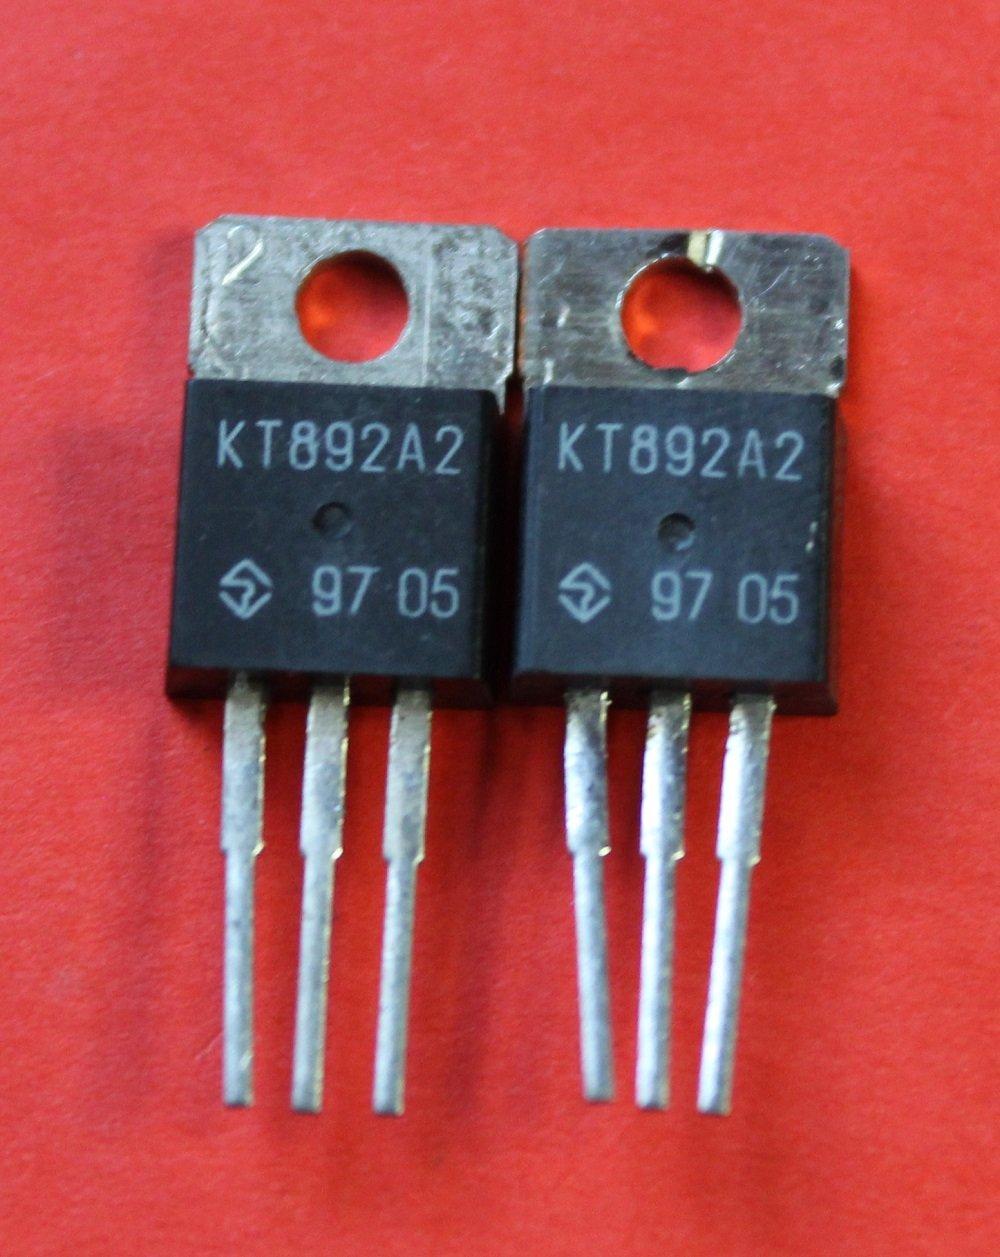 S.U.R. & R Tools Transistors silicon KT892A2 analoge MI10004PF1, TIP661 USSR 2 pcs by S.U.R. & R Tools (Image #1)